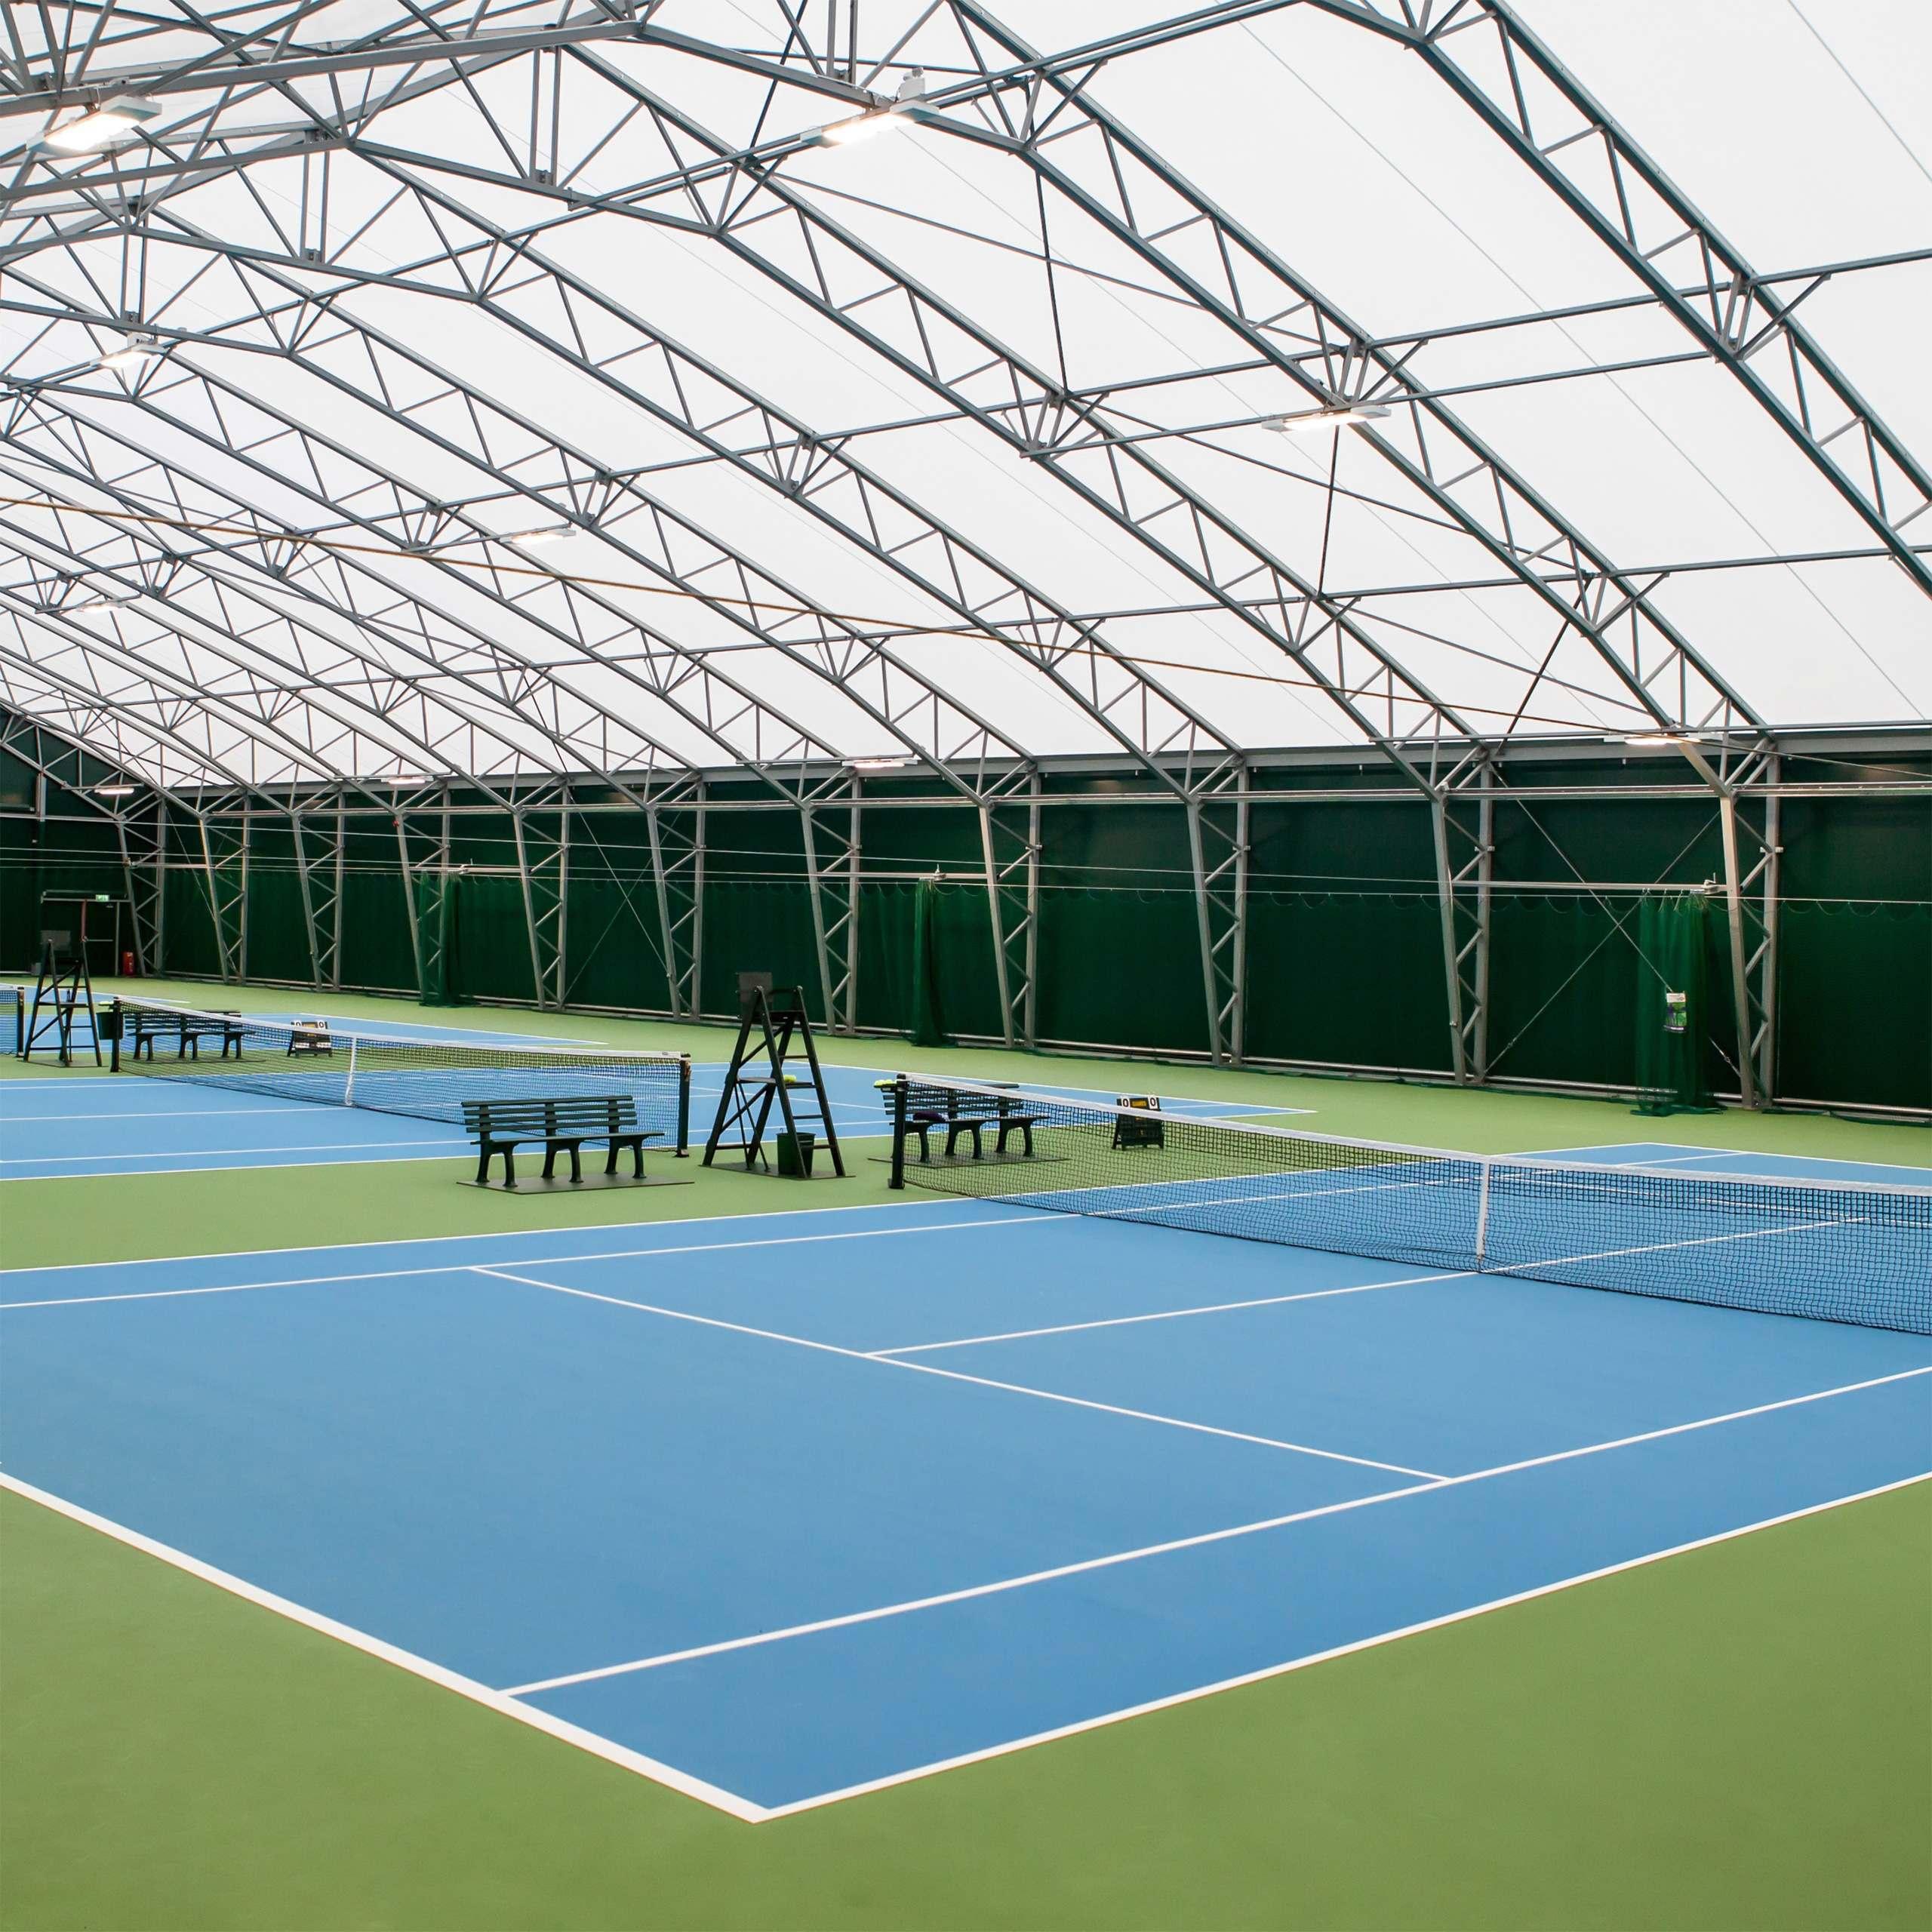 Tennis Court w/ DT Championship Net